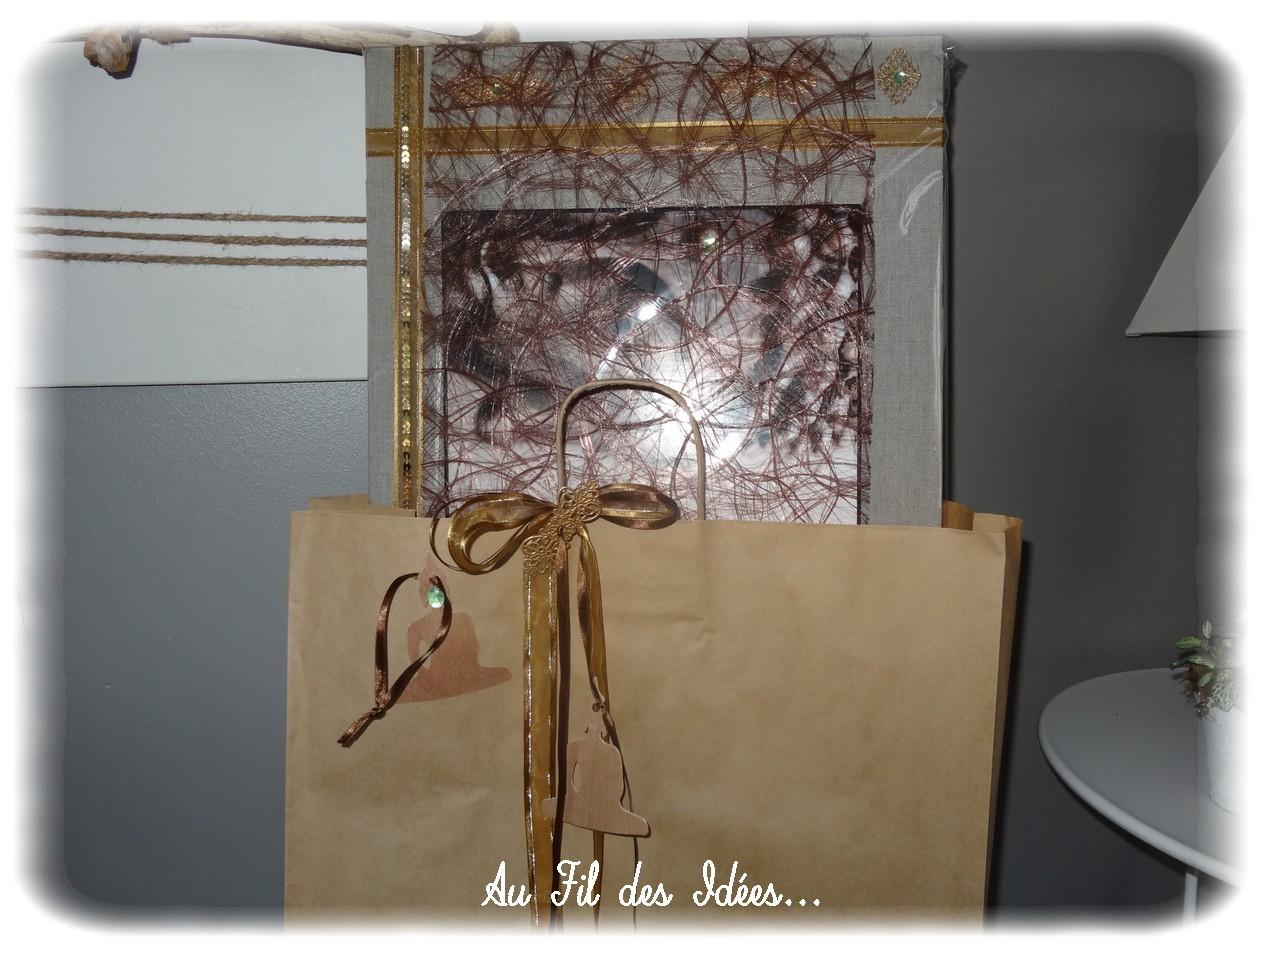 Emballage tableau grand format re-customisé - Créa décembre 2012